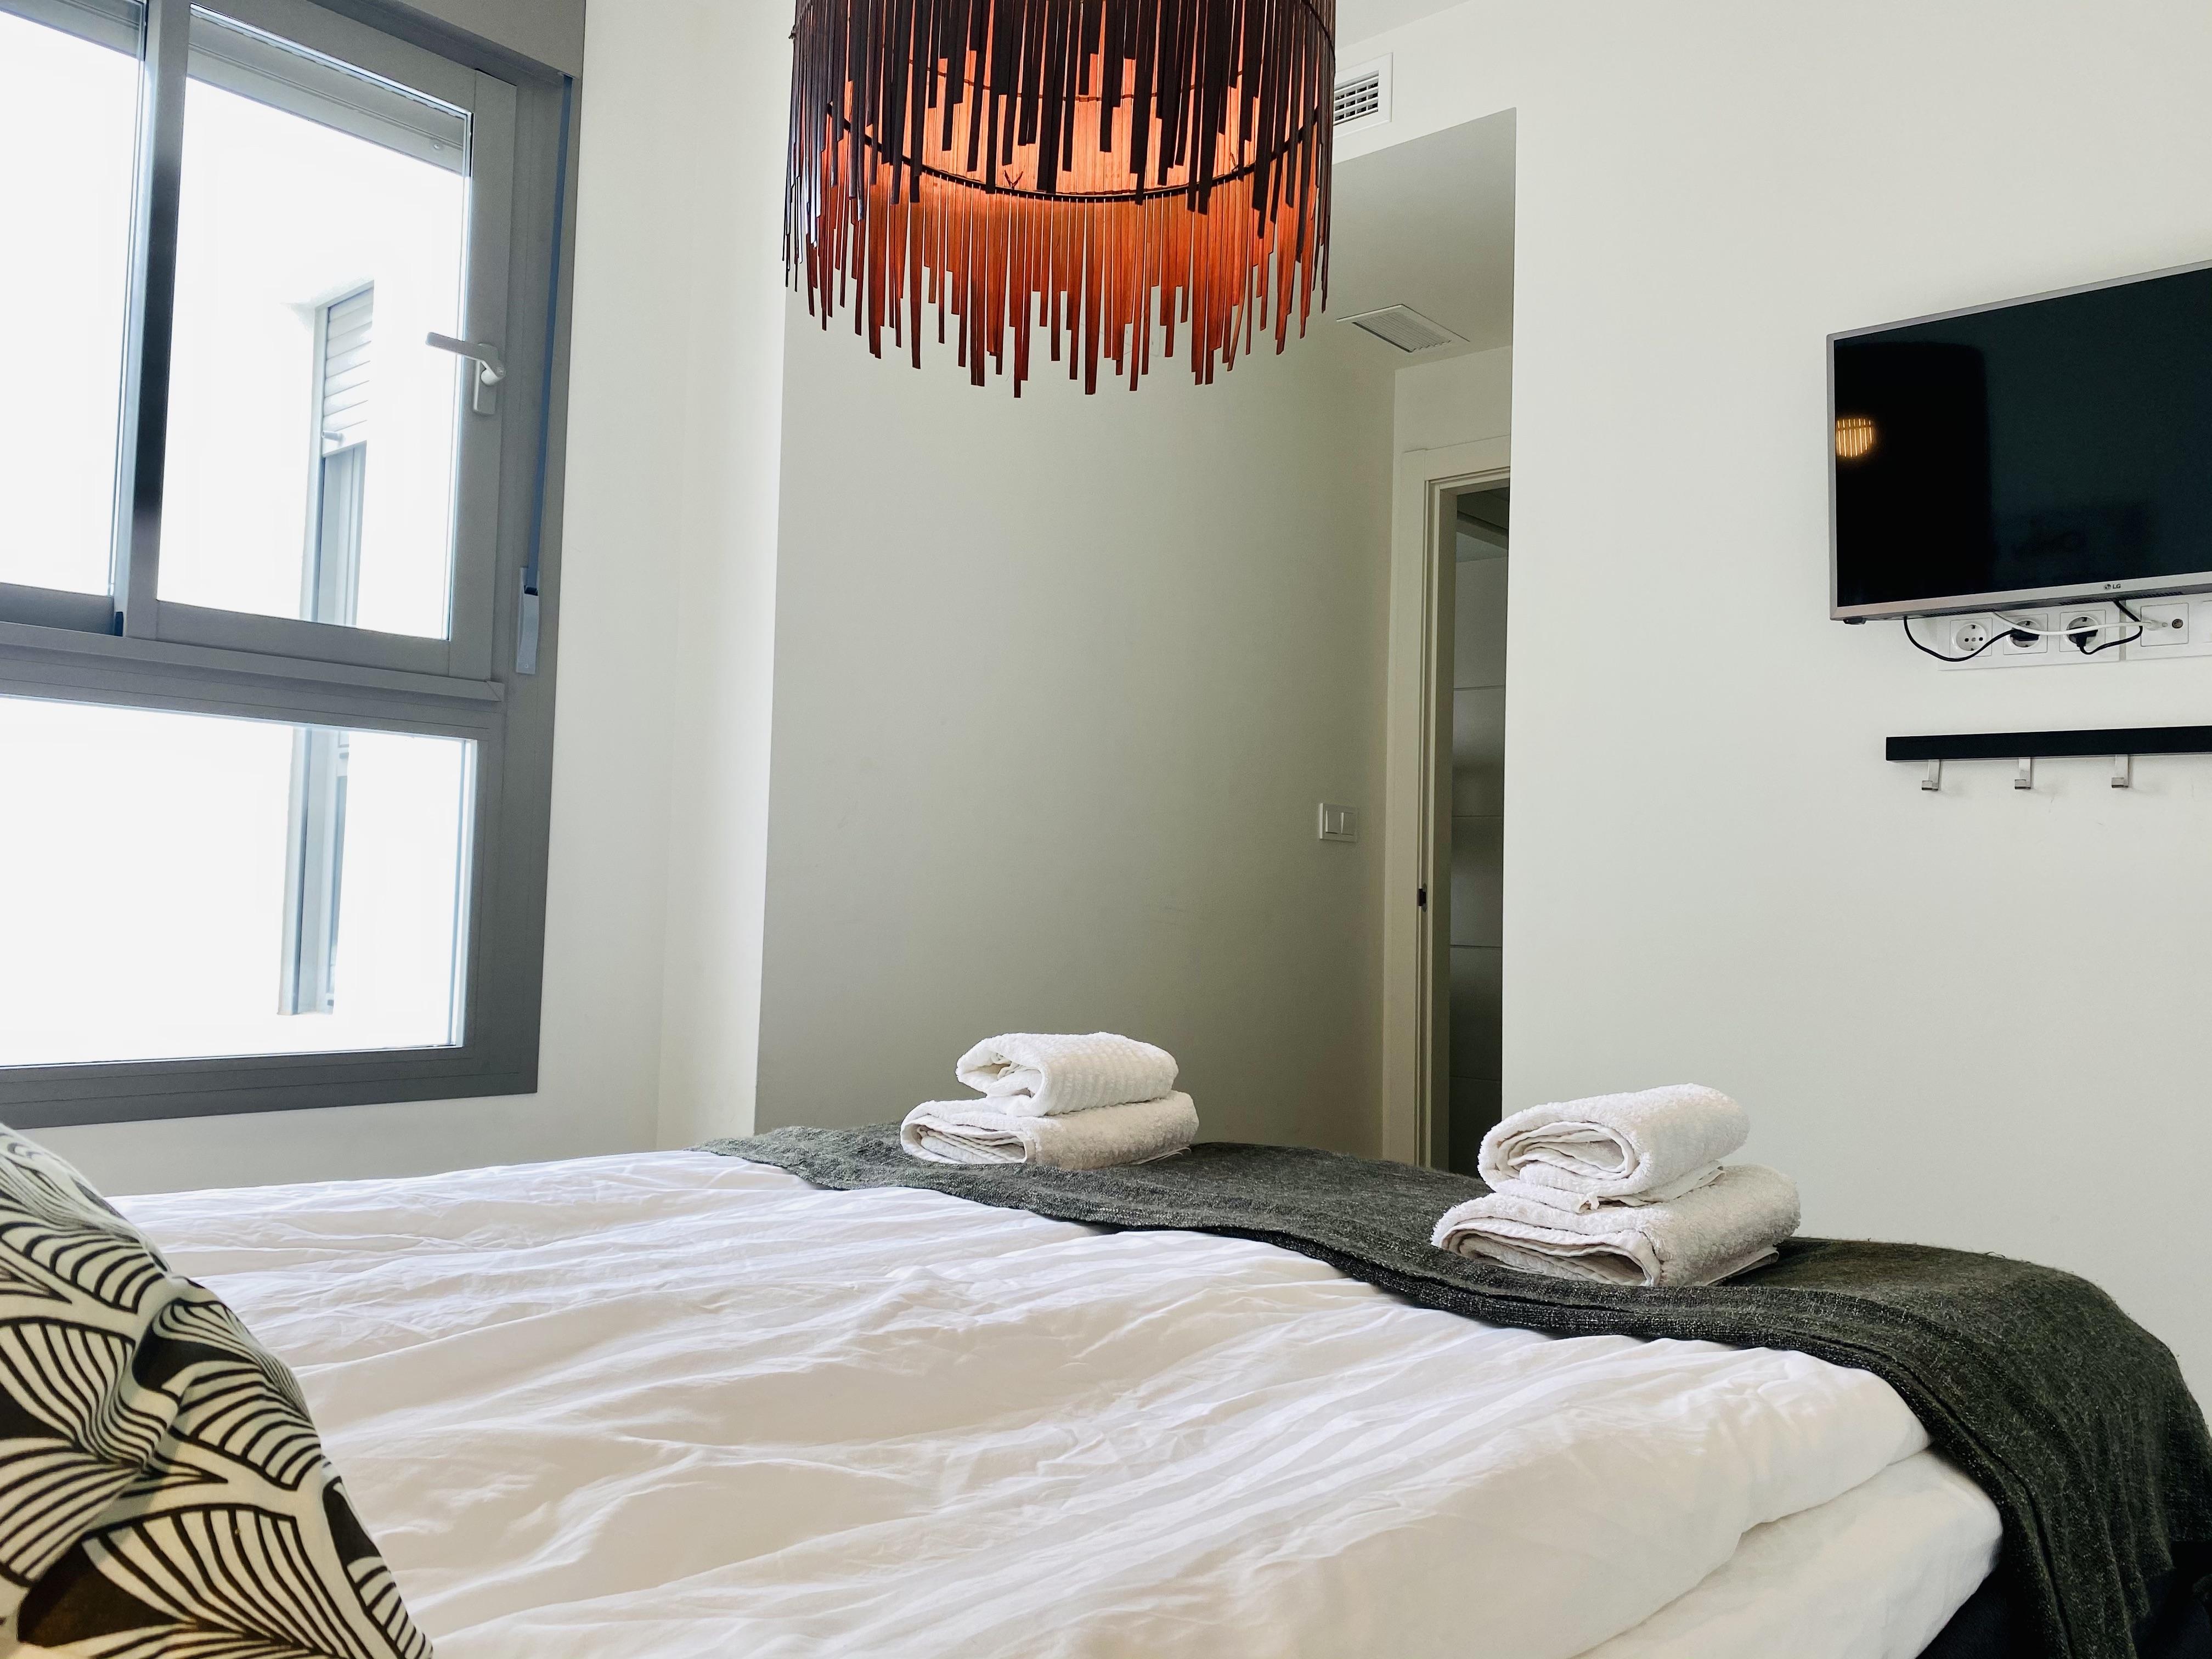 Master sovrum TV fönster